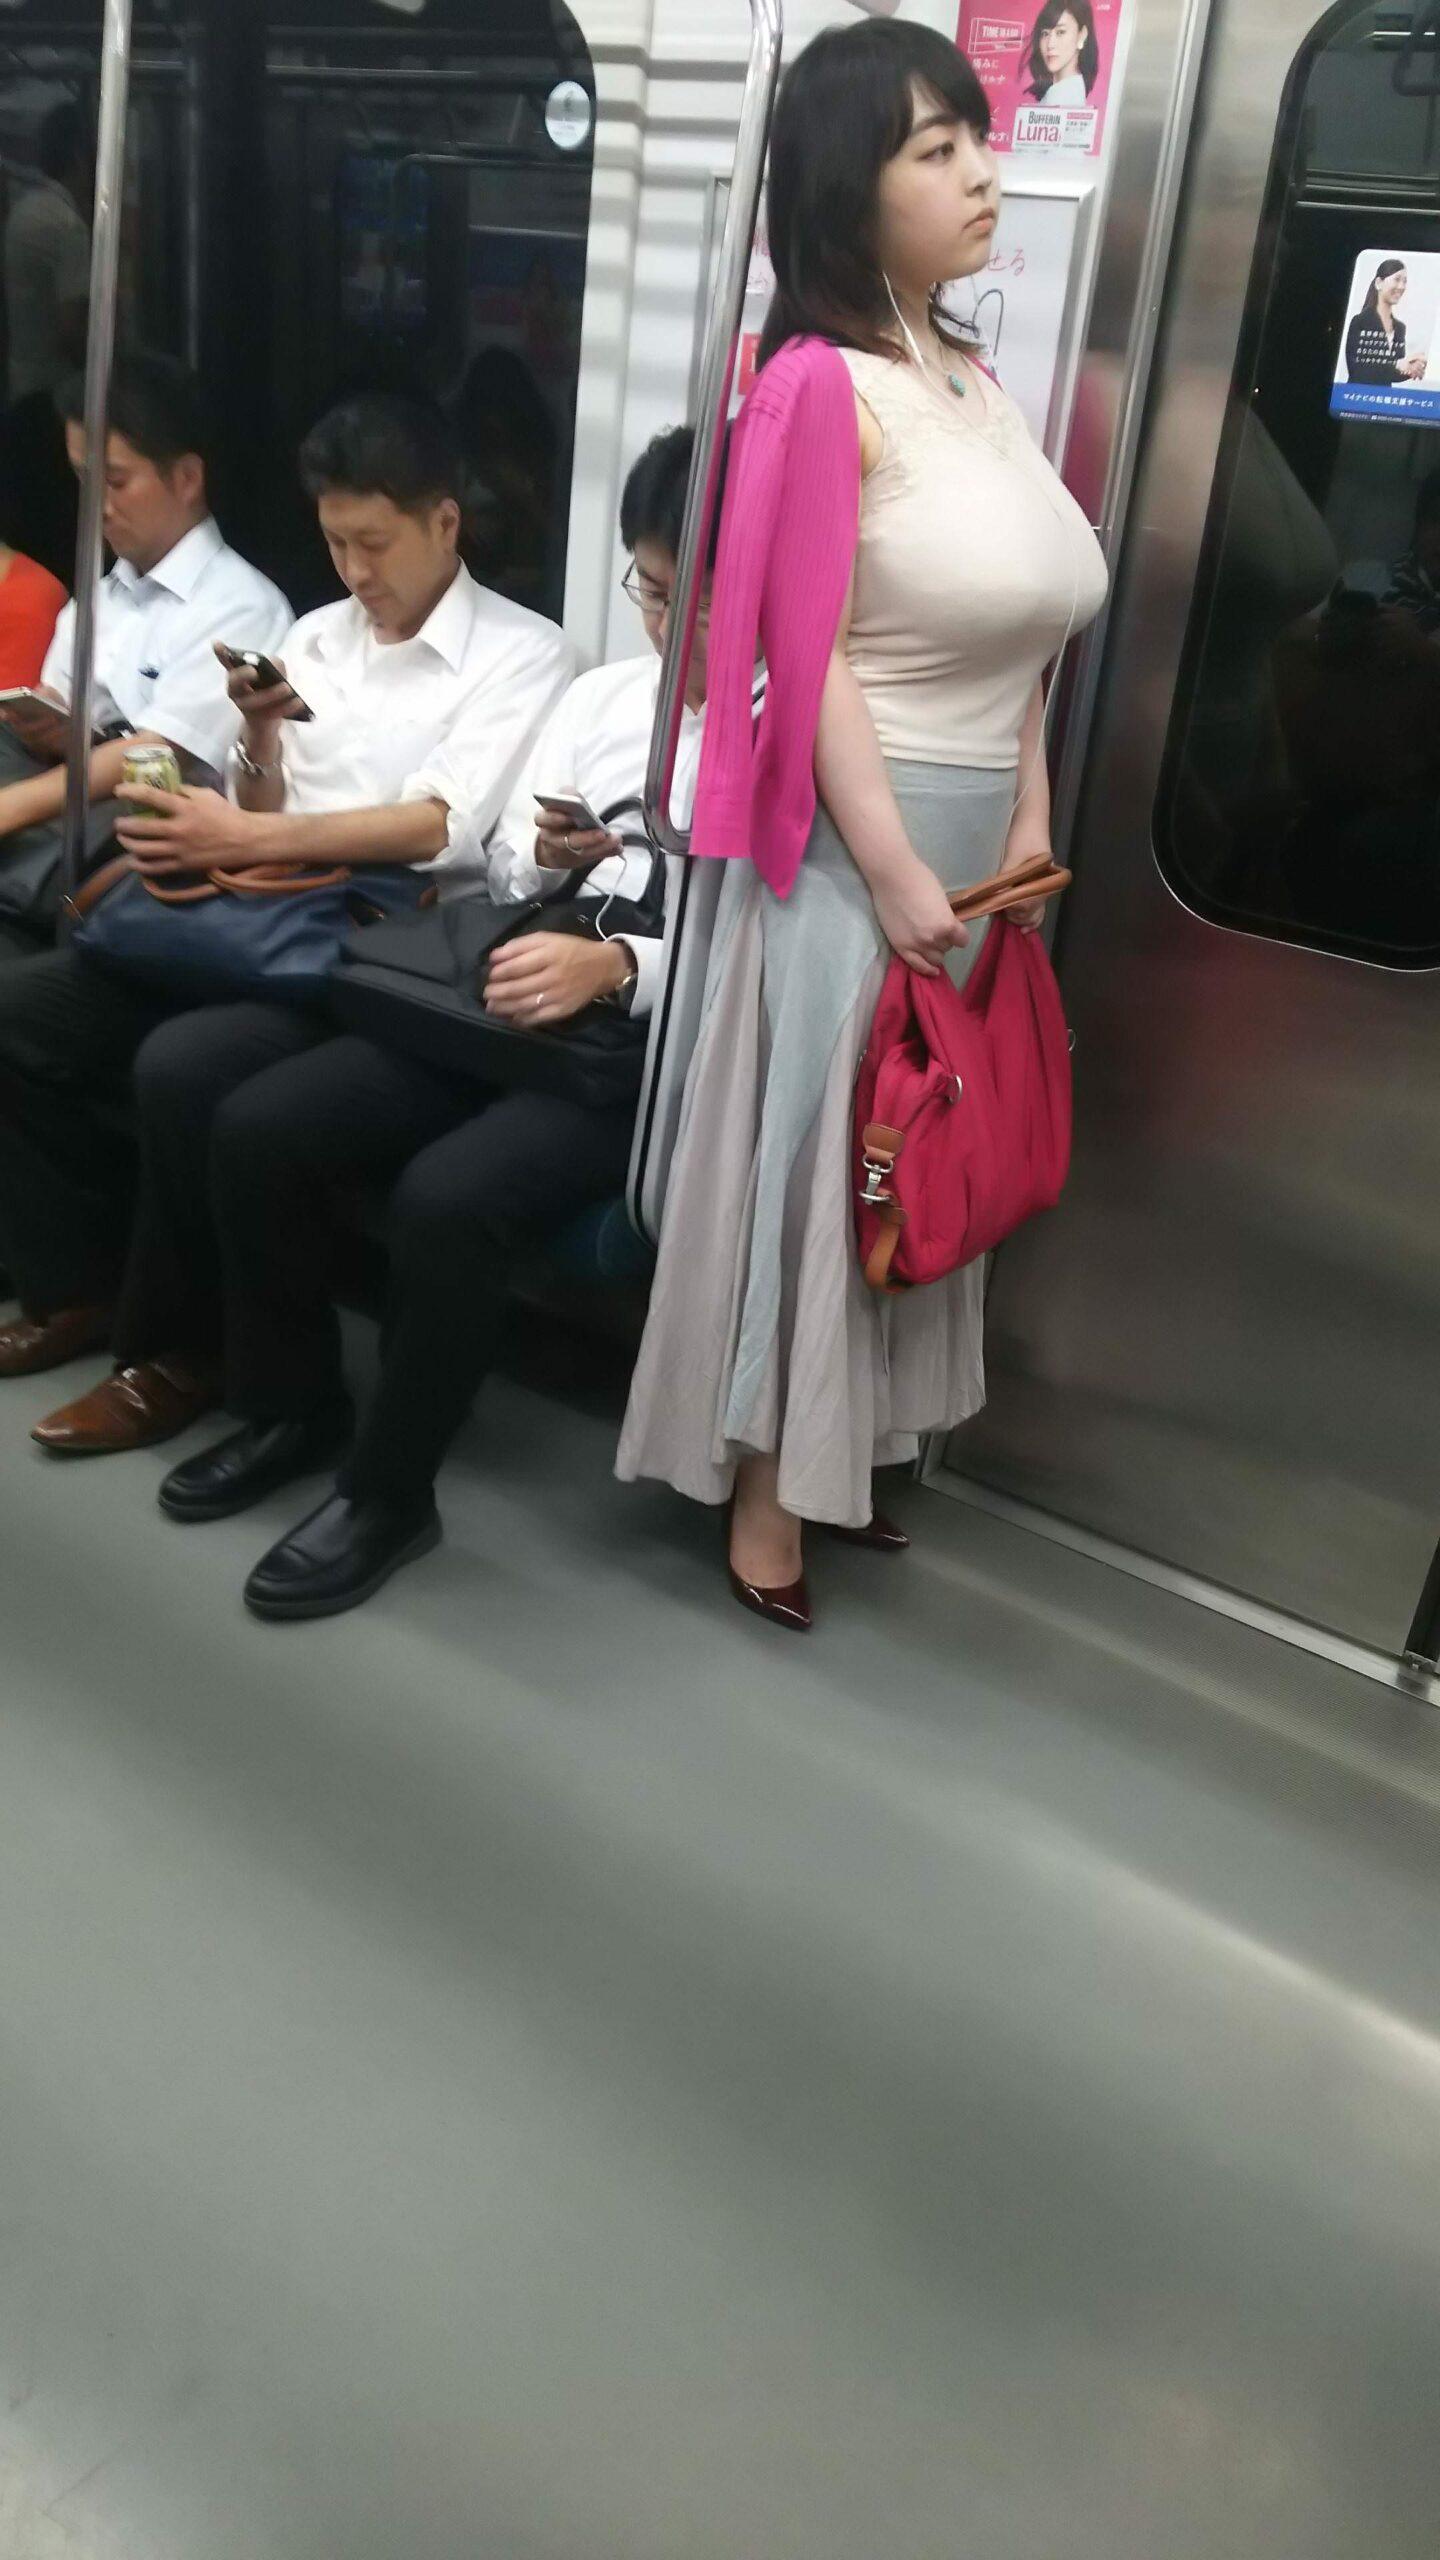 電車で生パンツとか生おっぱい見せつけてくる女さんwwwwwwwwwwwww h3ebPpH scaled